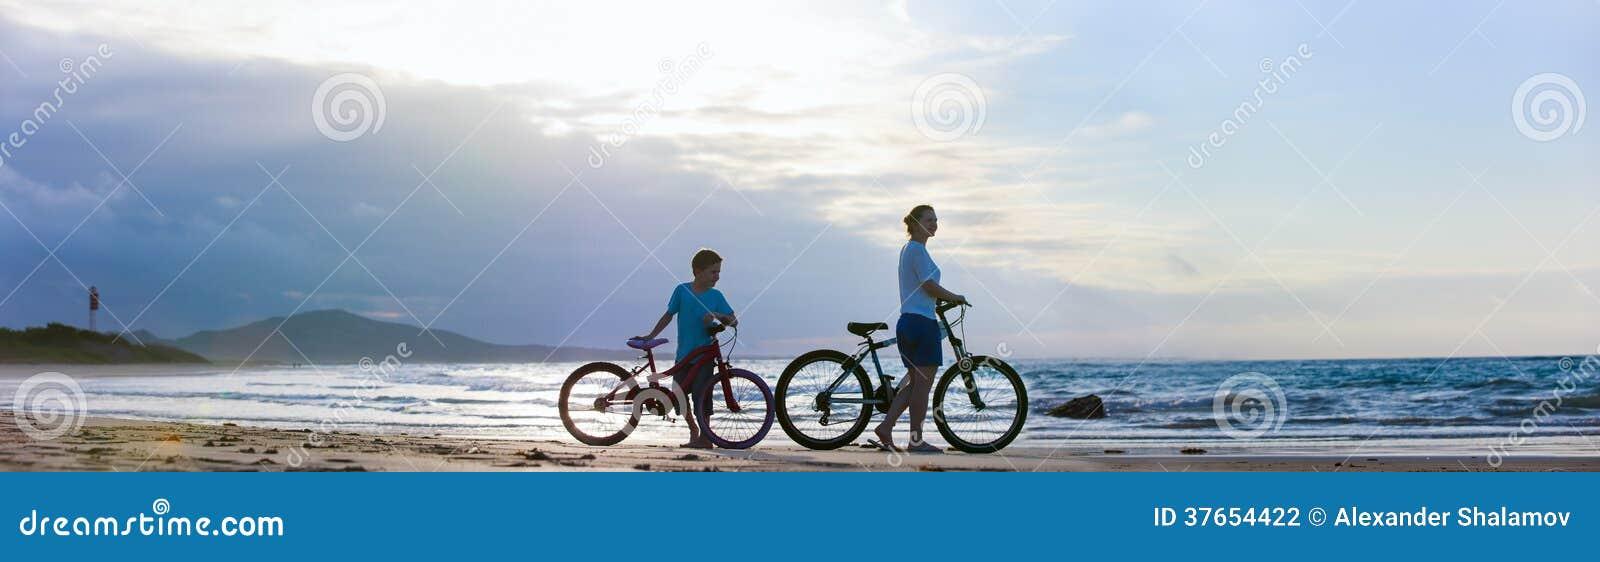 Mère et fils faisant du vélo à la plage